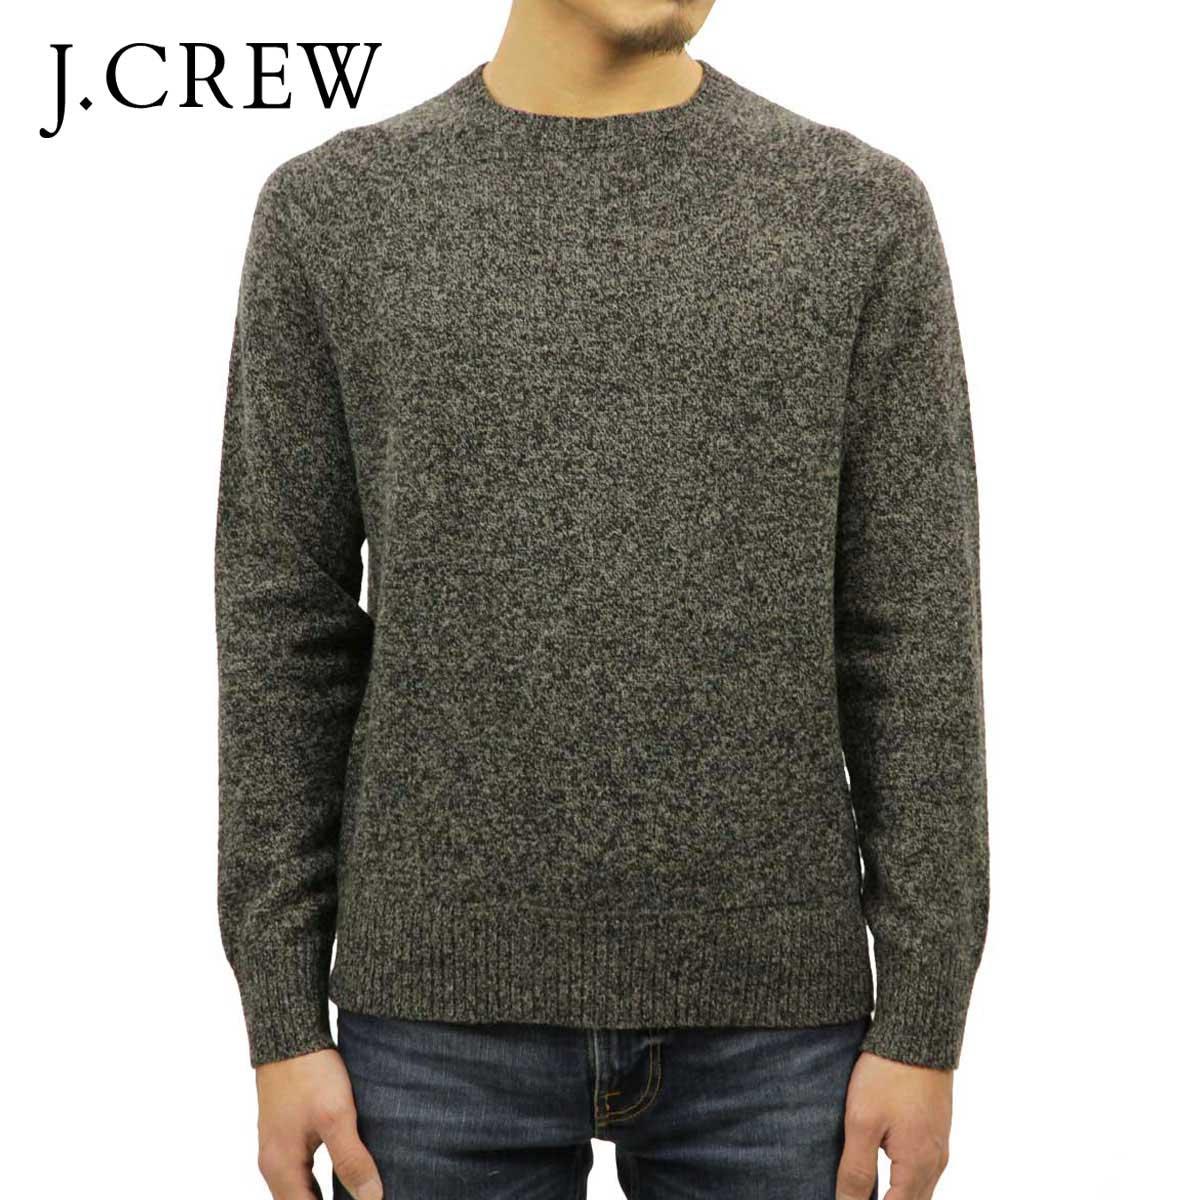 ジェイクルー J.CREW 正規品 メンズ クルーネックセーター LAMBSWOOL CREWNECK SWEATER H0520 MARLED ARGOSY